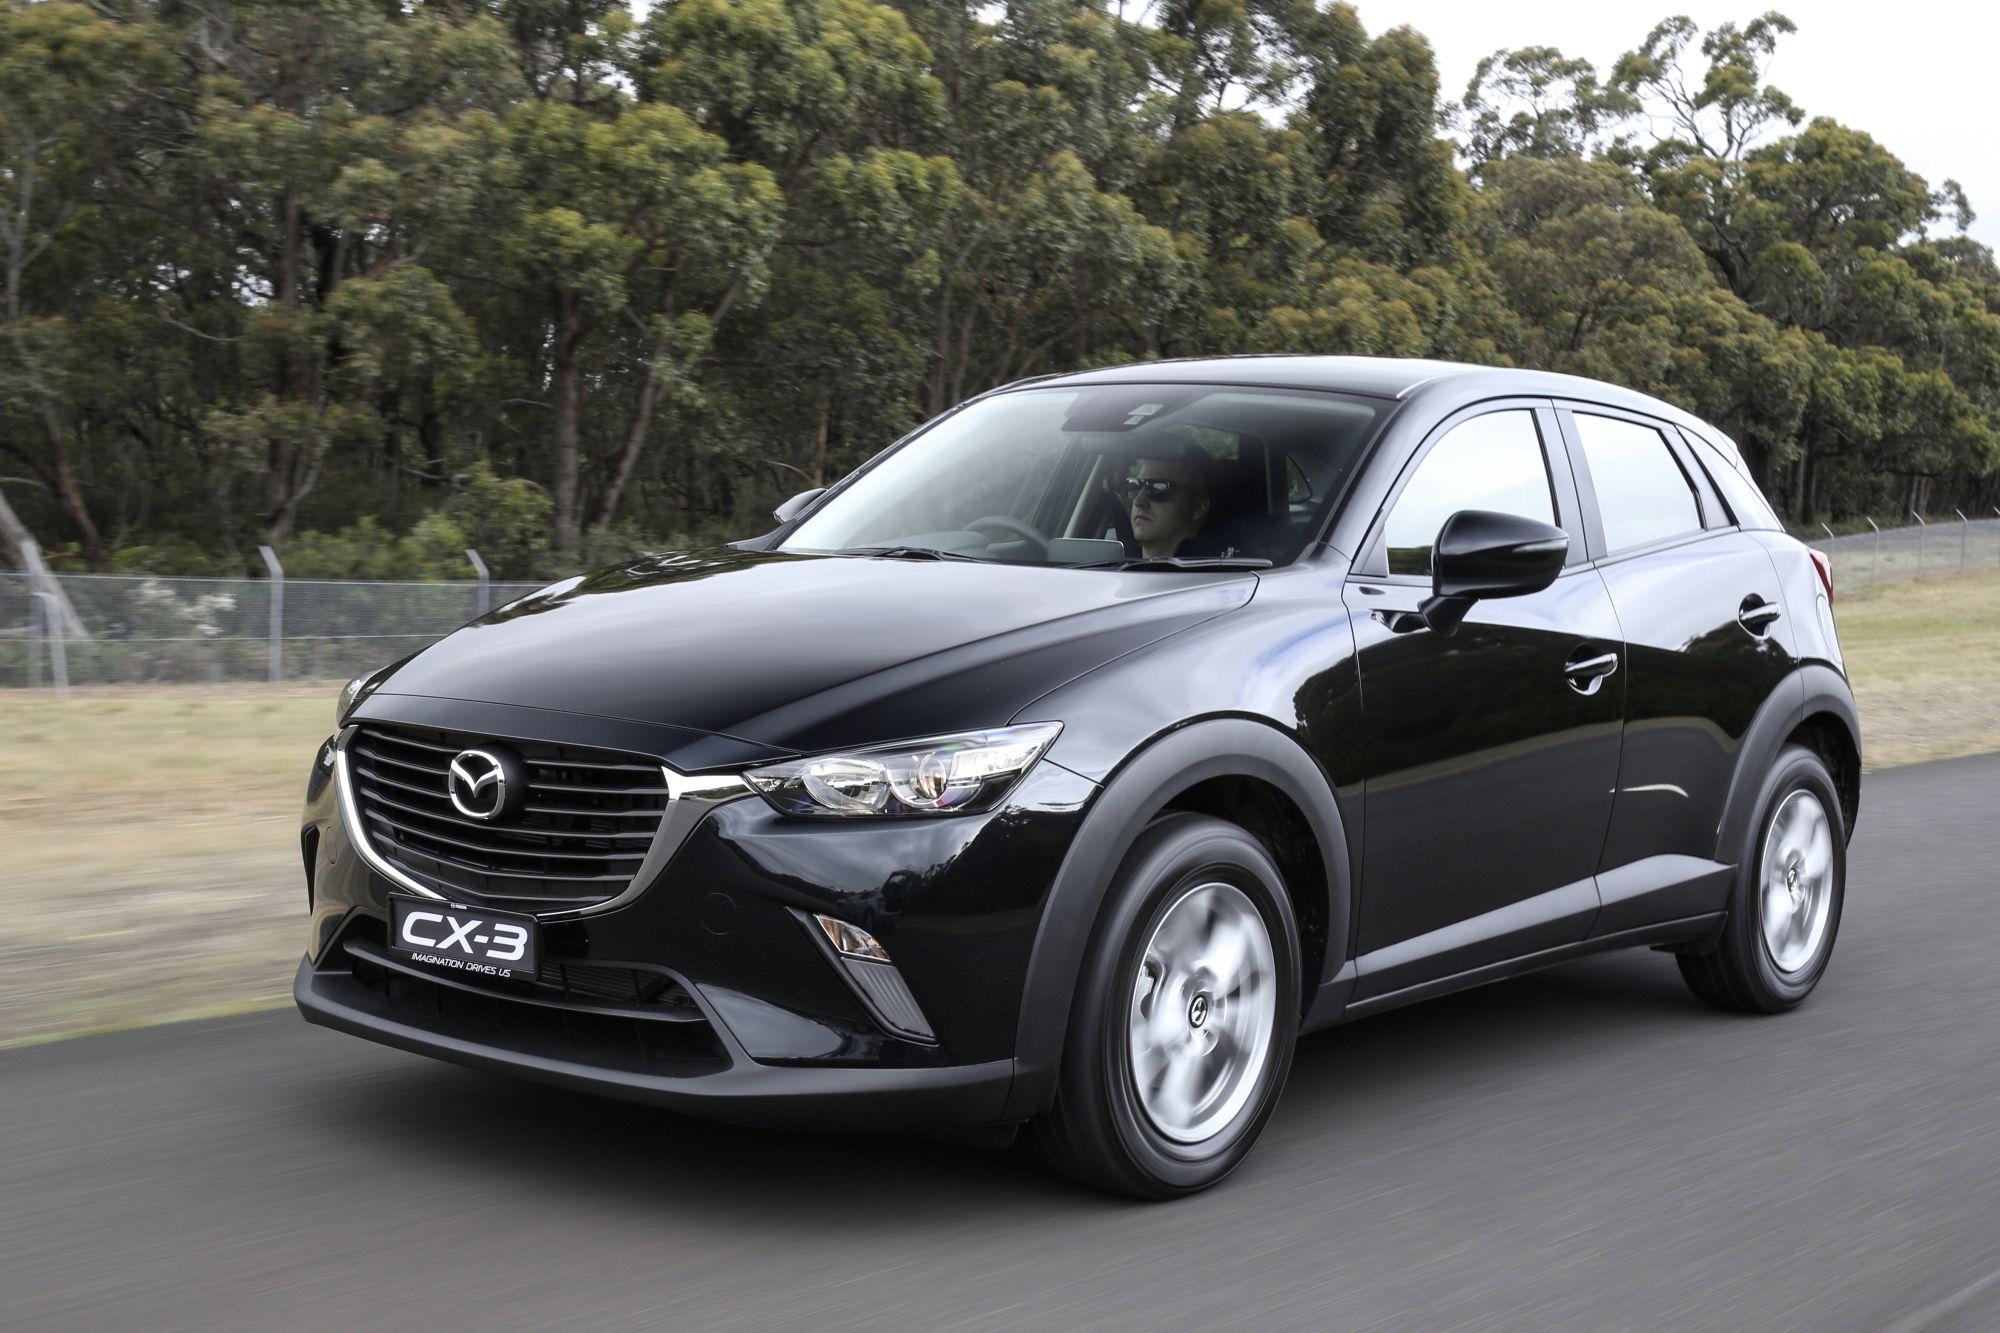 Mazda CX-3 SUV Black | Best Car Image | Pinterest | Mazda ...